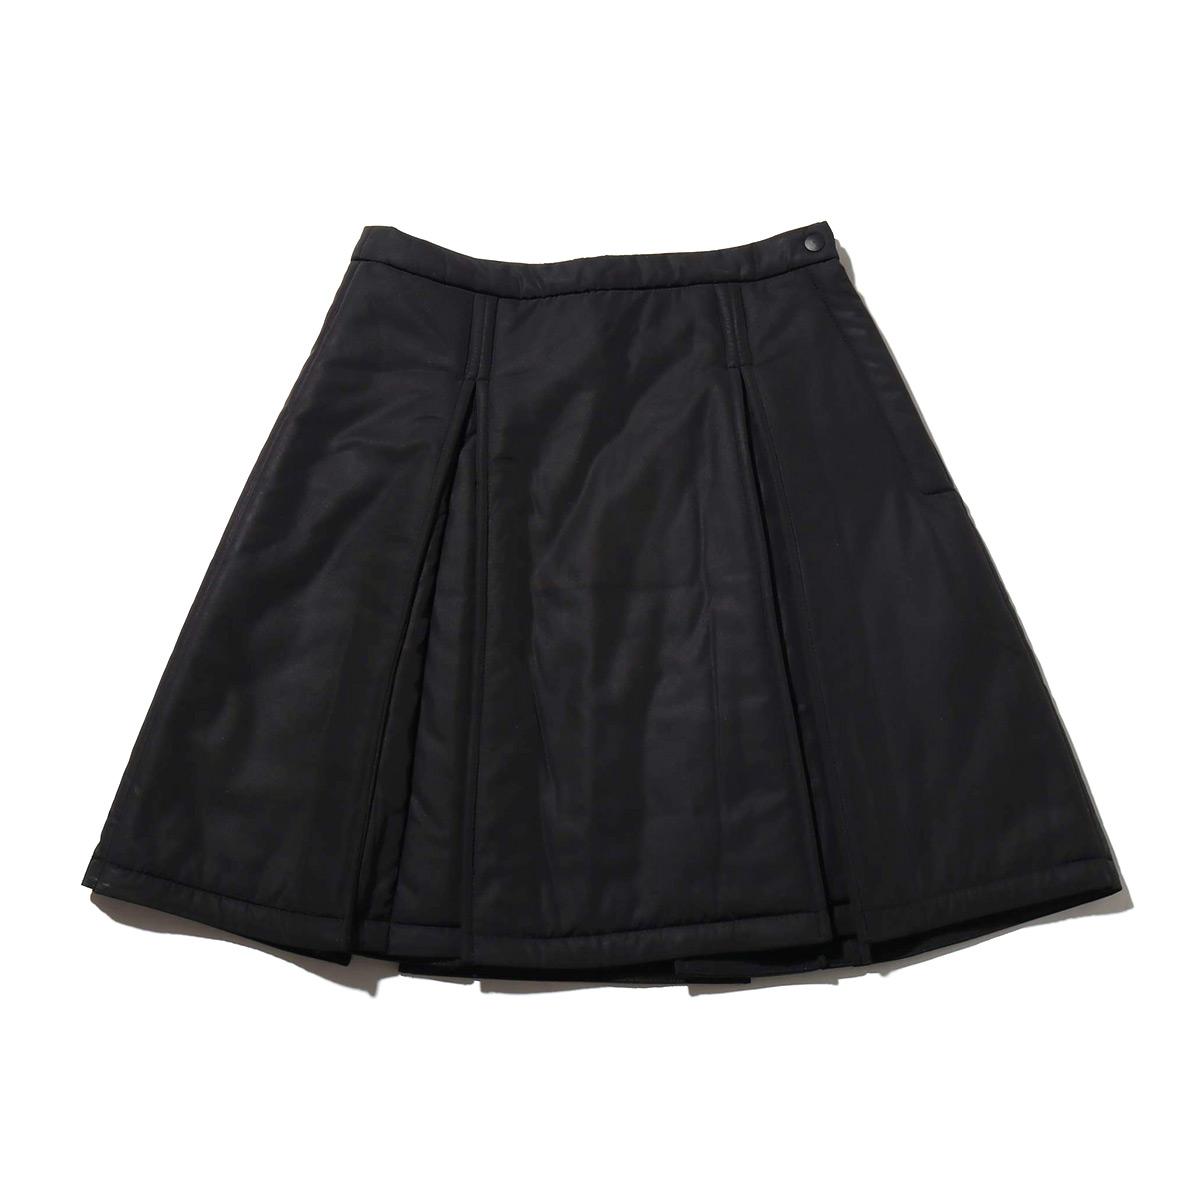 atmos pink MA-1 プリーツスカート(アトモスピンク MA-1 プリーツスカート)BLACK【レディース スカート】18HO-I